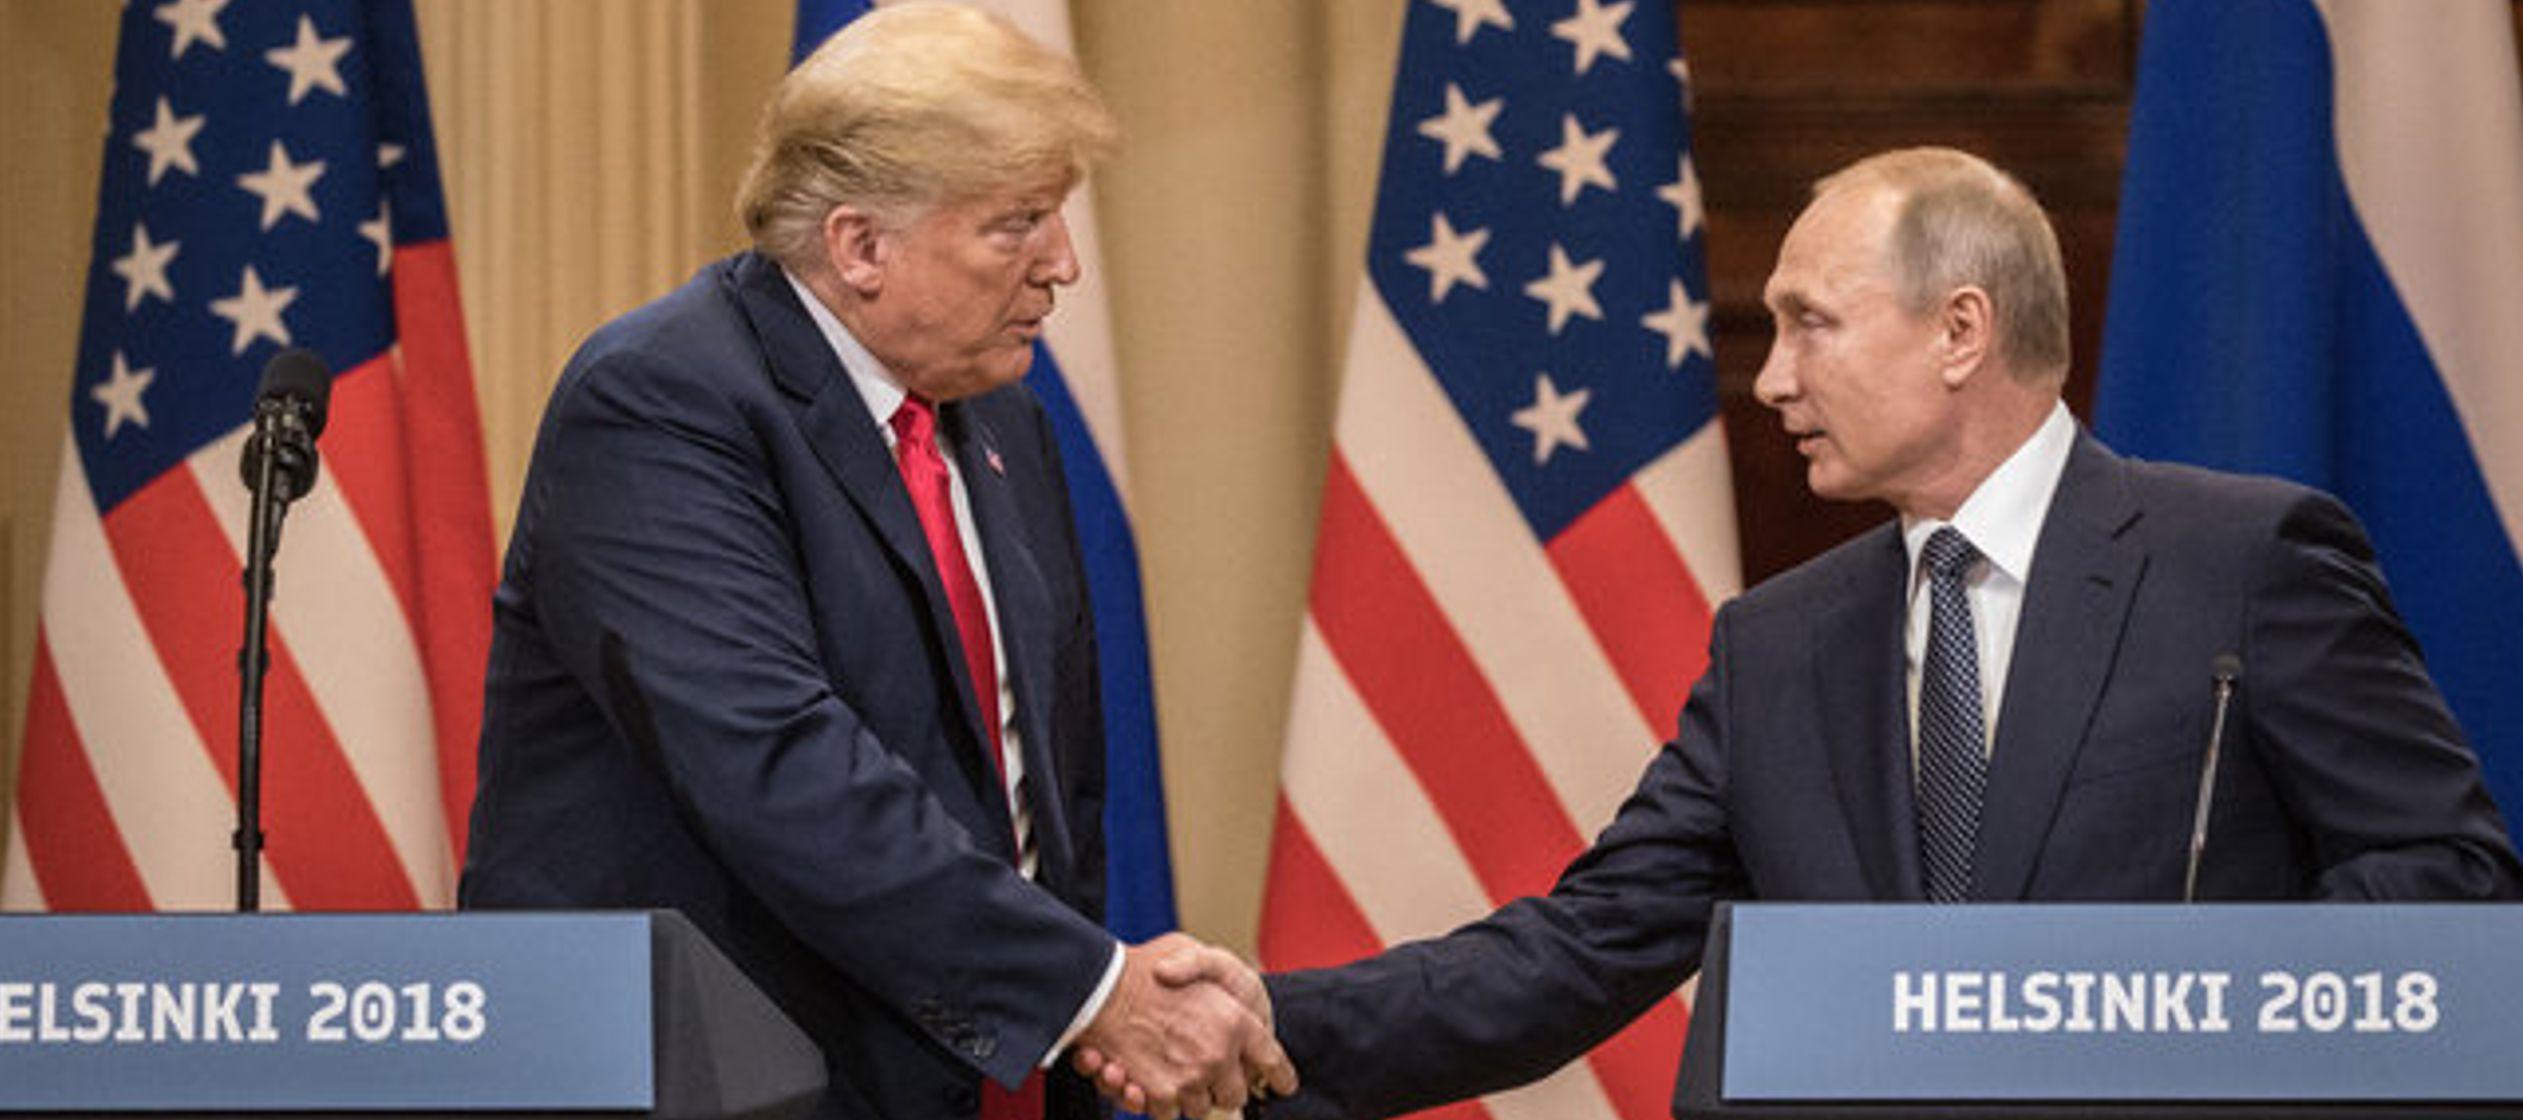 Es difícil reconciliar la aprobación de Trump a los tiranos del mundo con su...